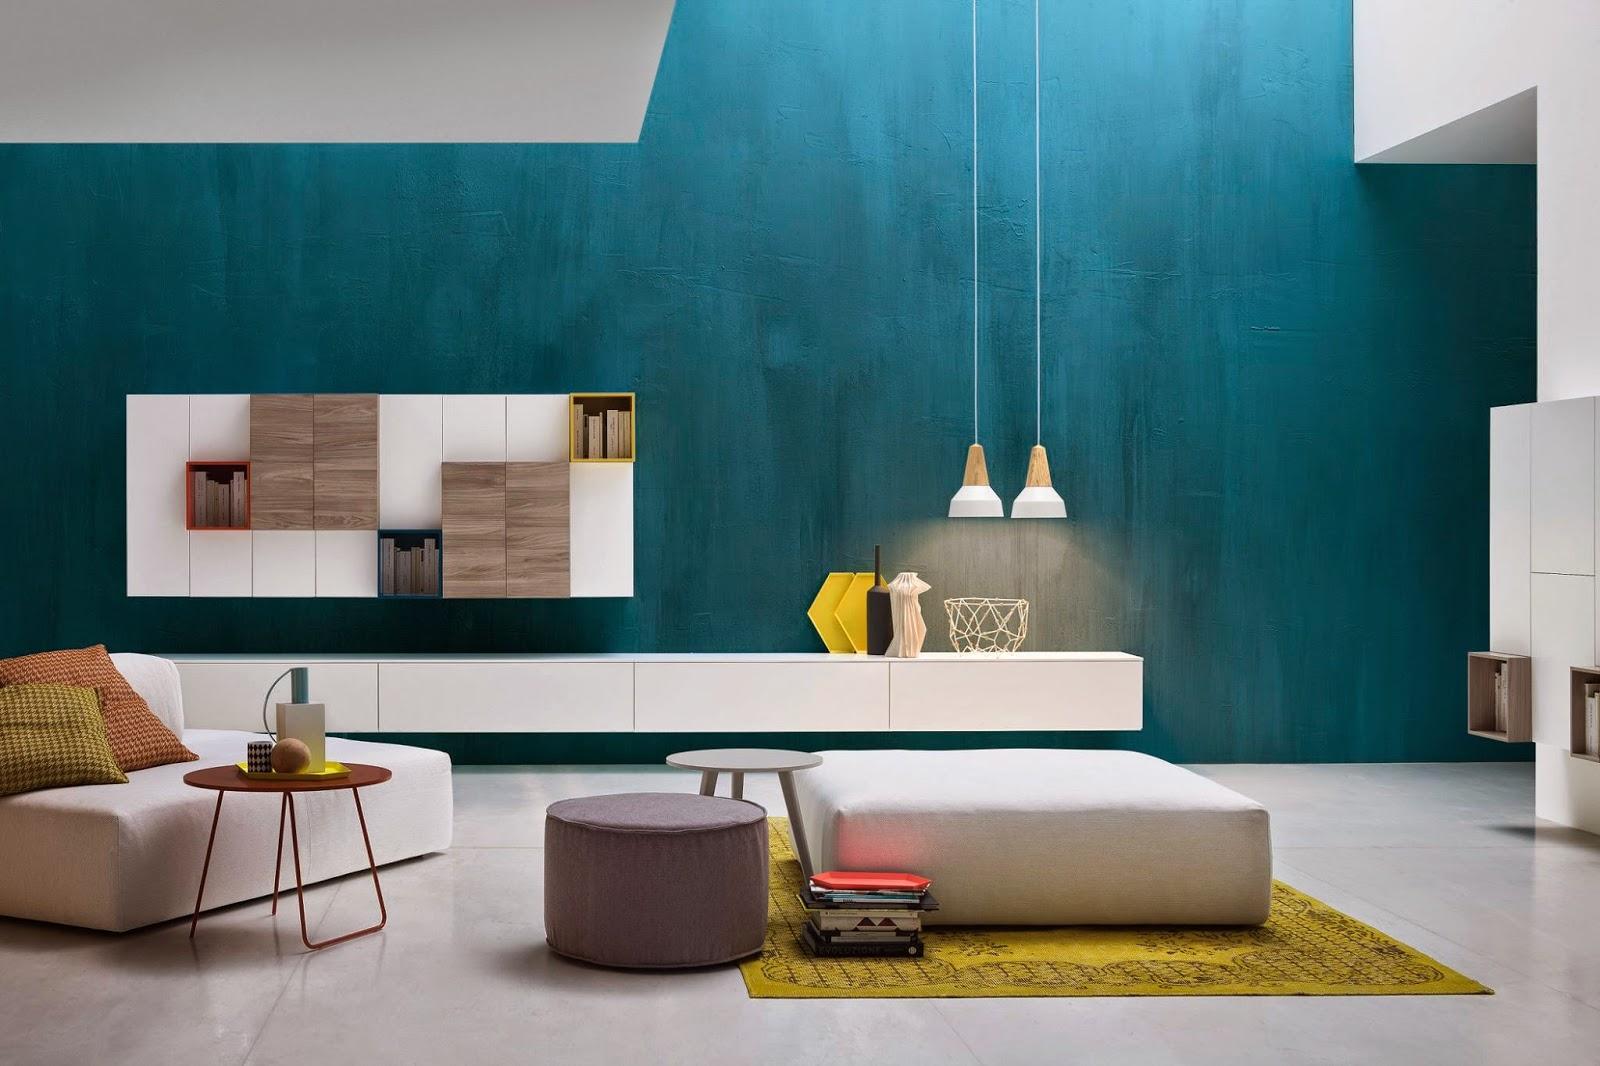 Ilia estudio interiorismo mobiliario de hogar dise o y for Mobiliario de hogar